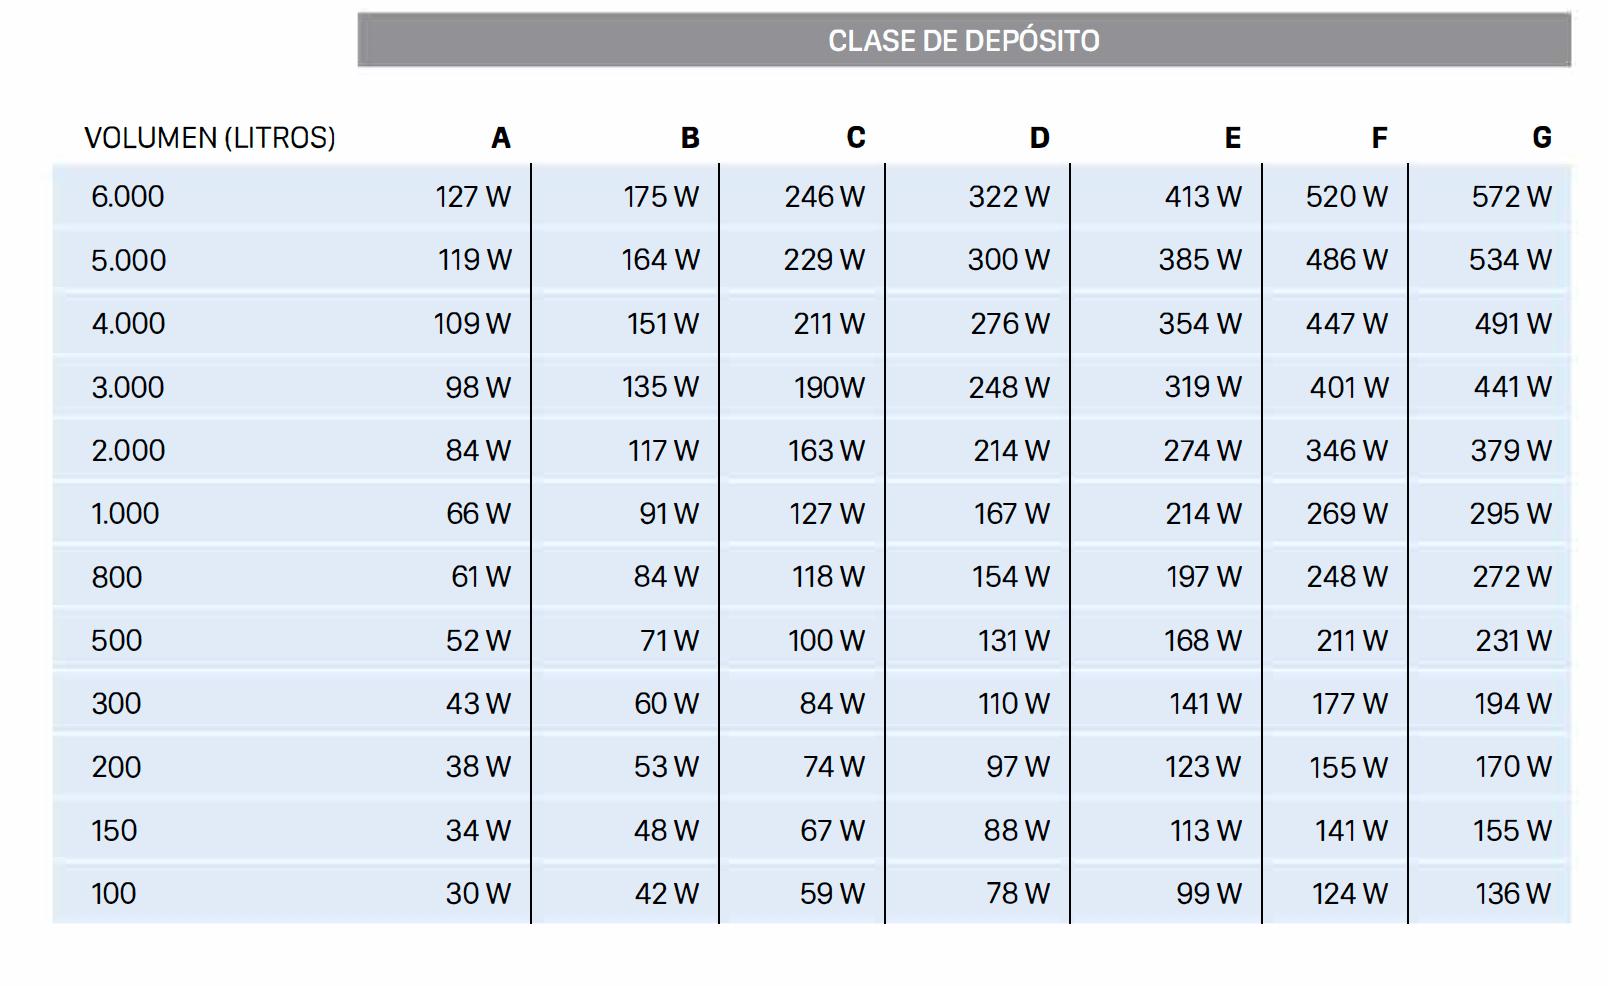 VALORES MEDIOS DE PÉRDIDAS ENERGÉTICAS SEGÚN UE/812/2013